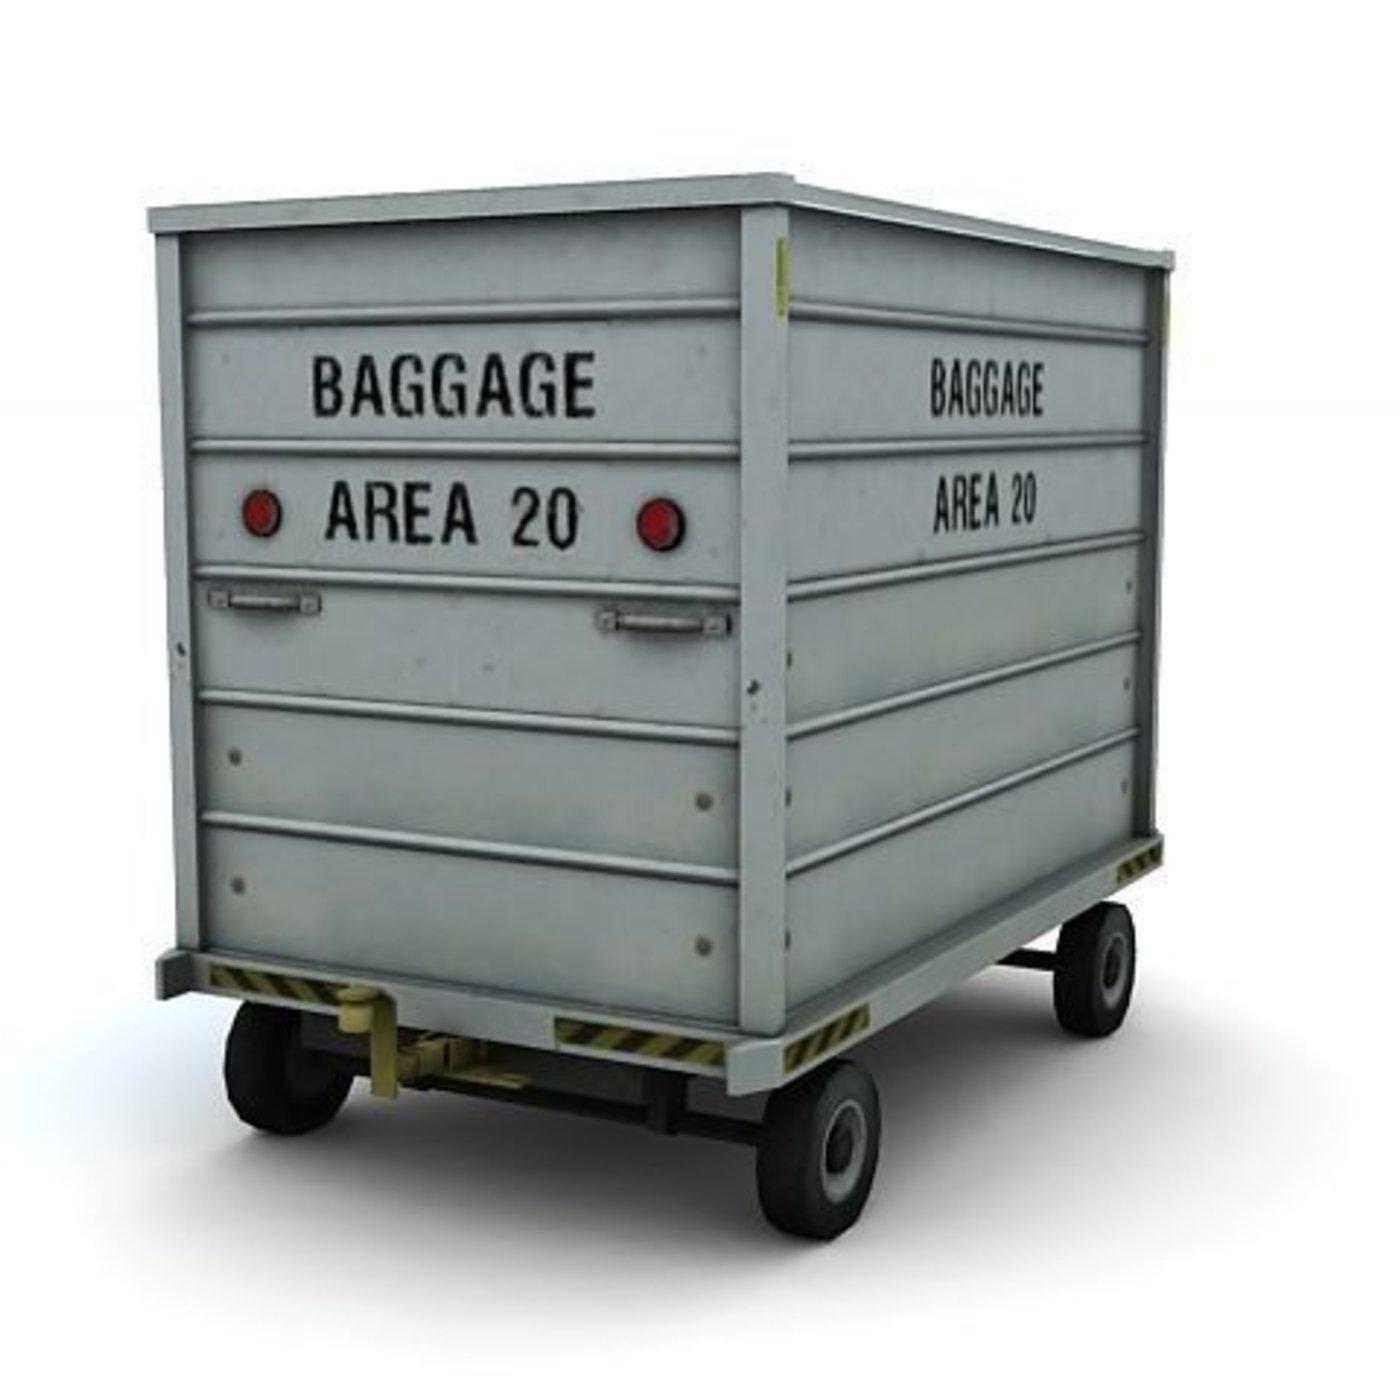 Airport Baggage Cart Trailer